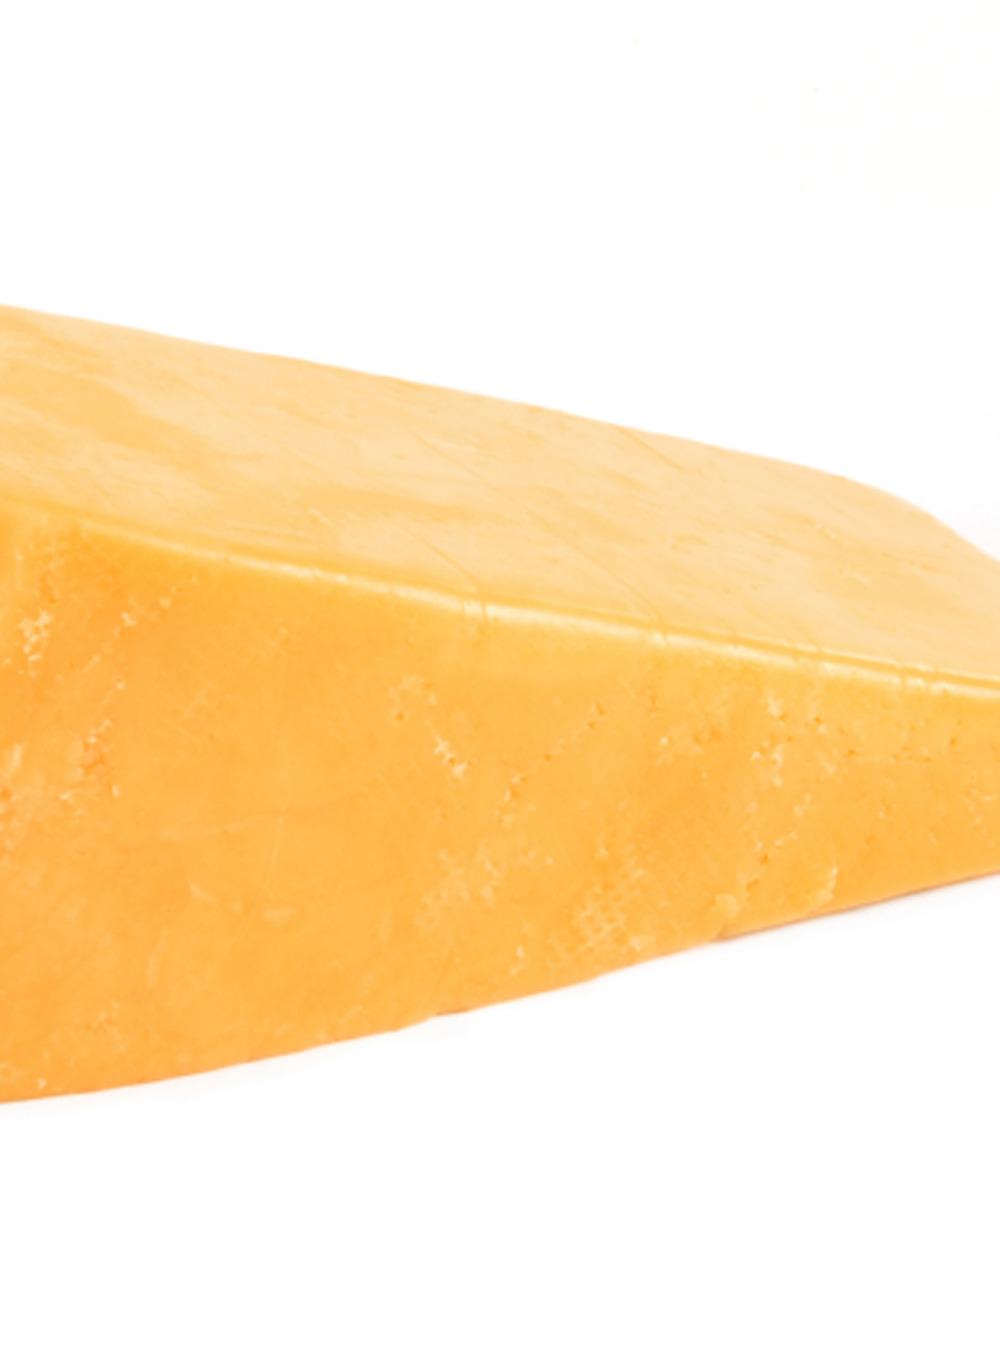 Macaroni au fromage | ricardo